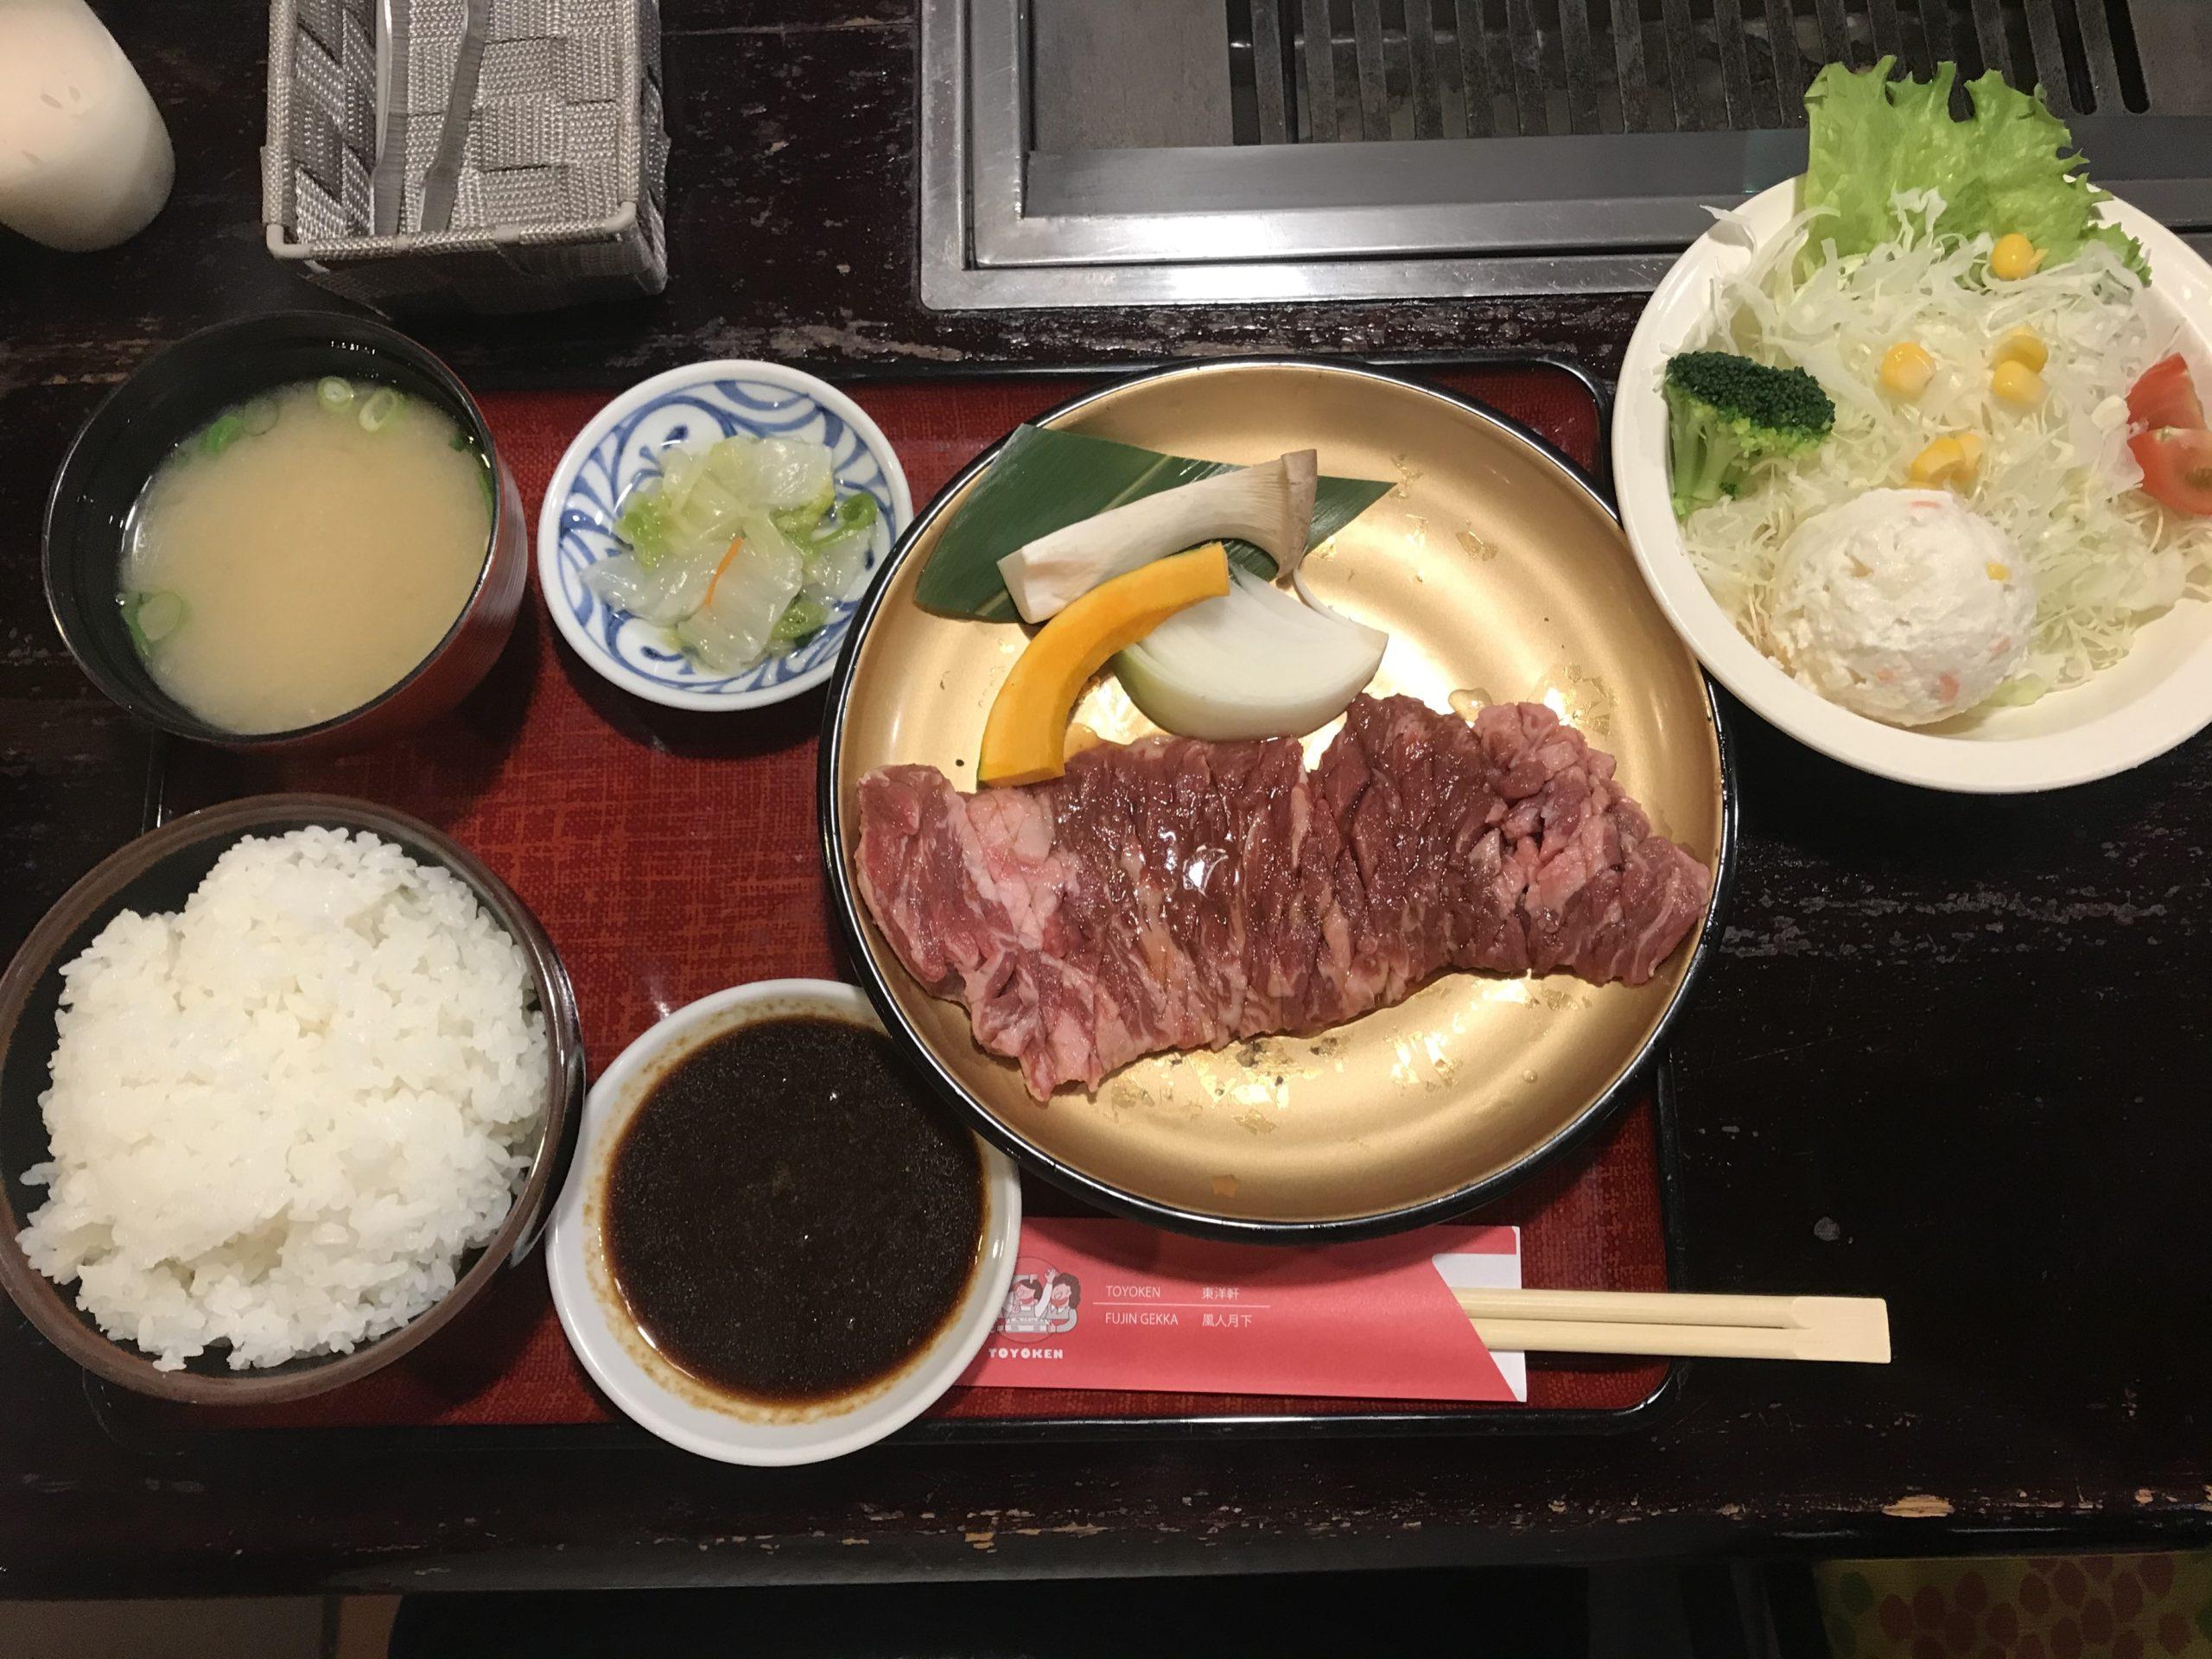 西予市宇和町のレストラン「東洋軒」へ!人気メニュー「ハンサムステーキセット」を食べてきたよ!